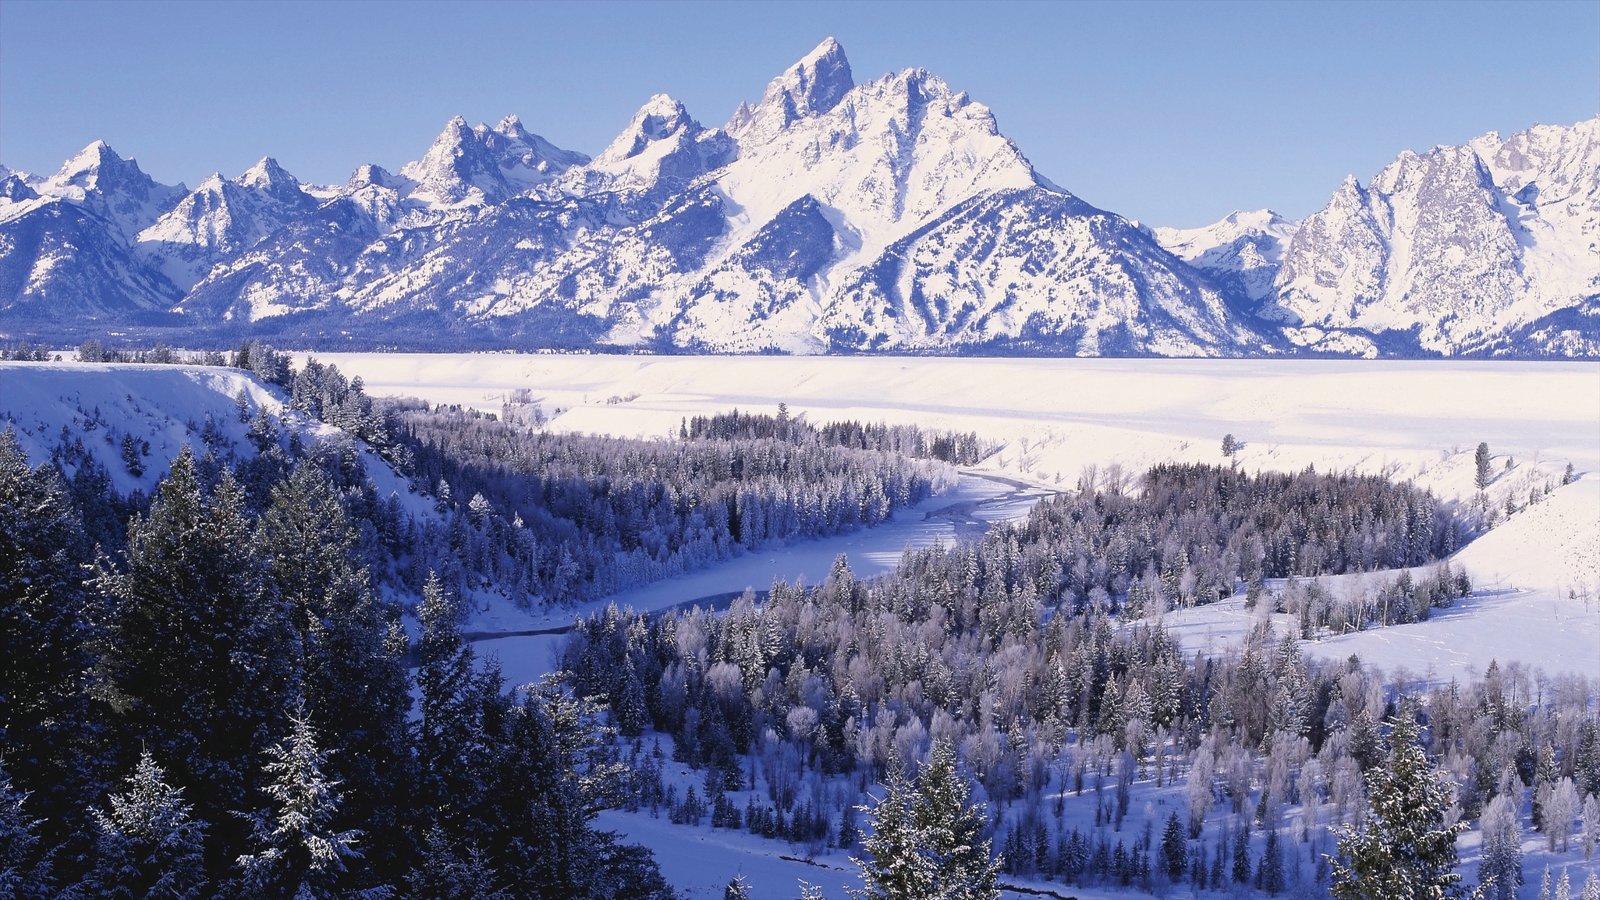 Jackson Hole mostrando vistas de paisajes, montañas y nieve